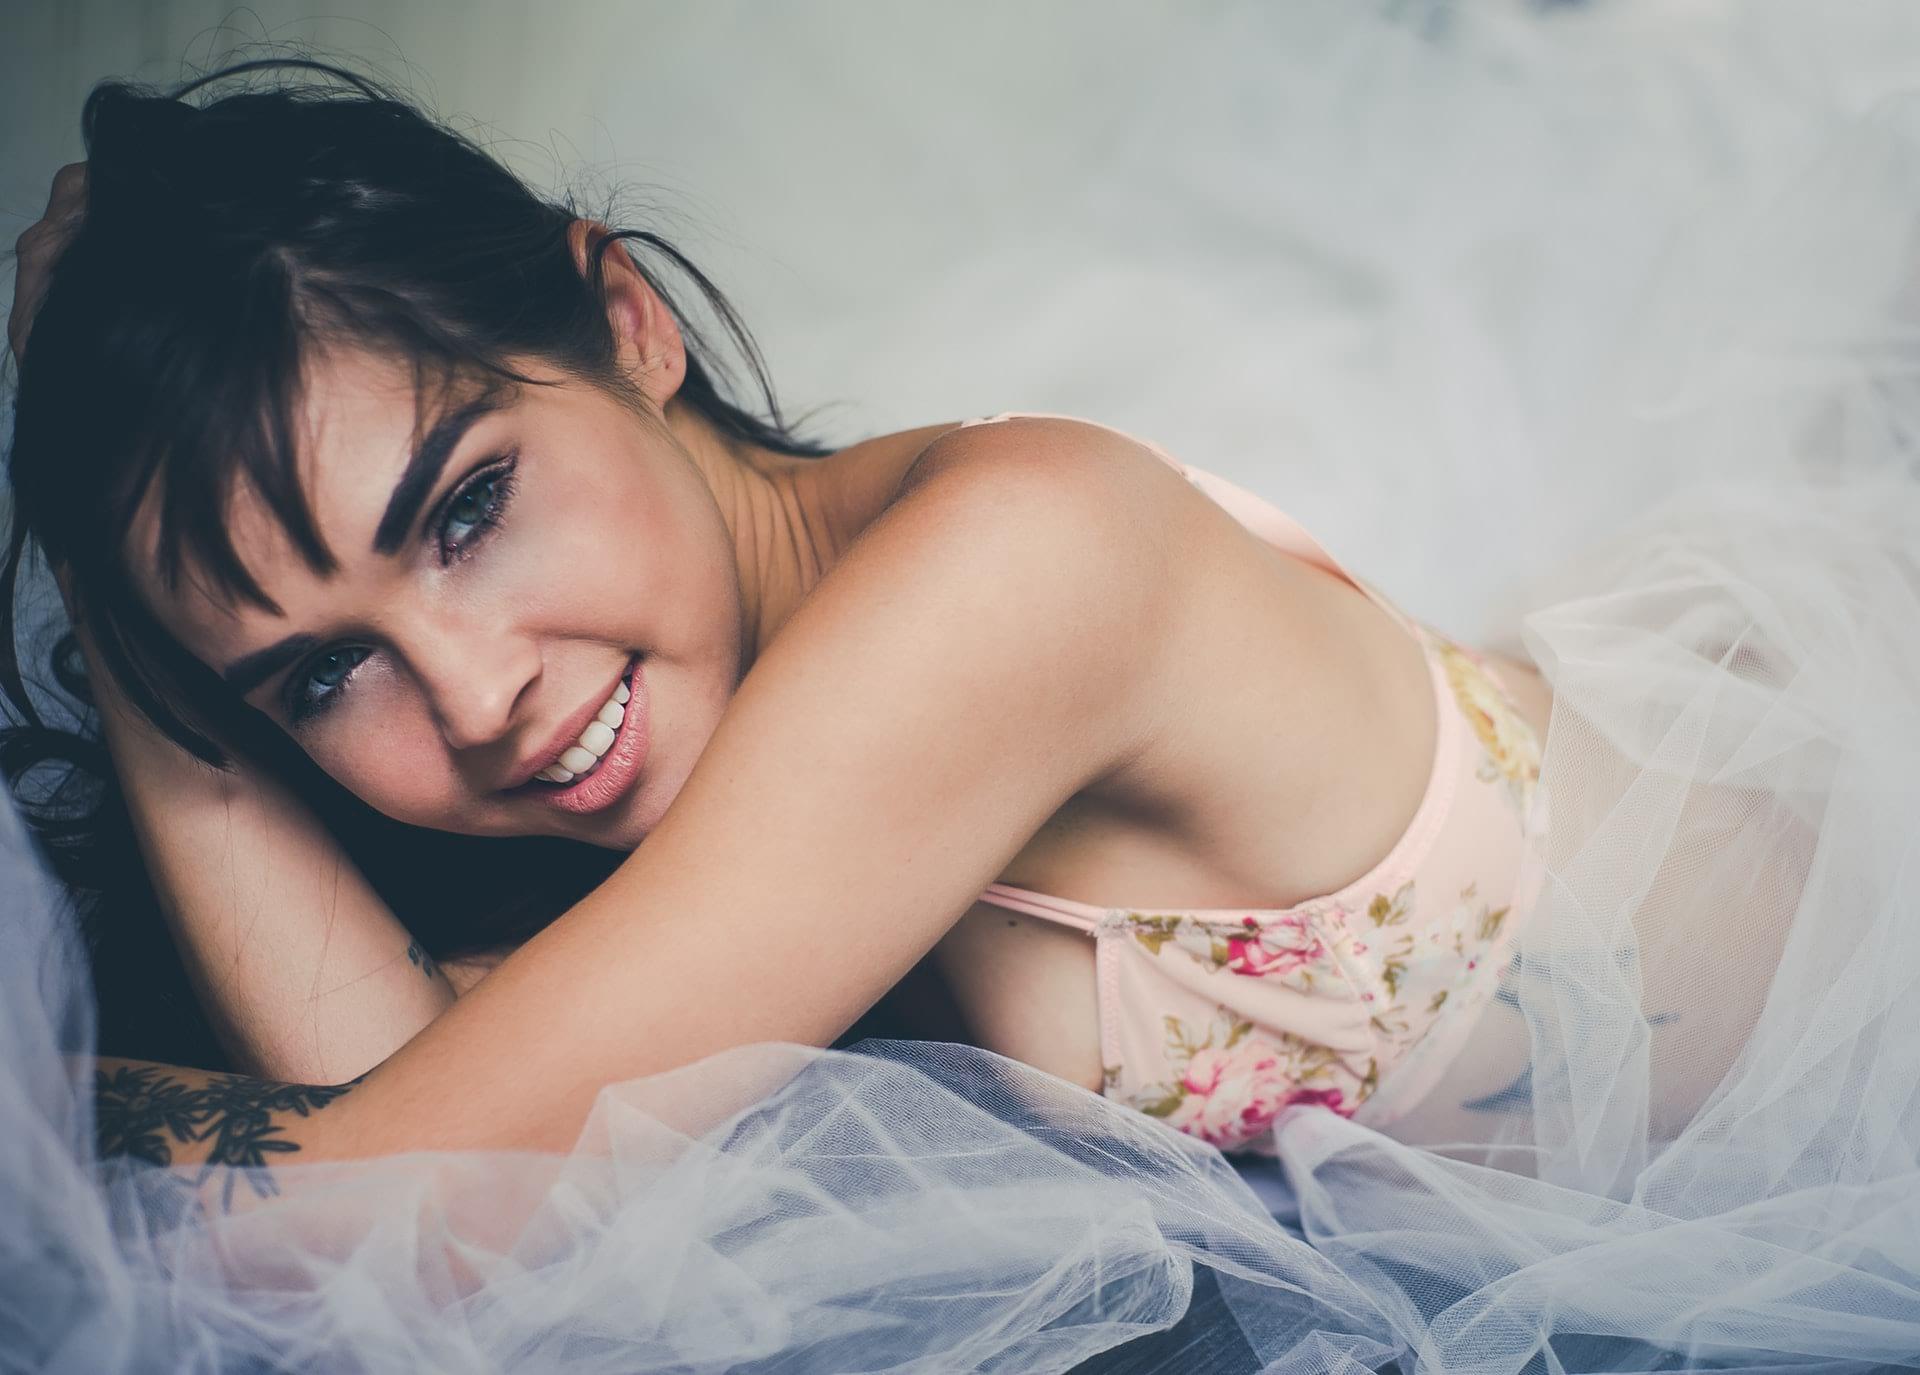 woman in an underwear